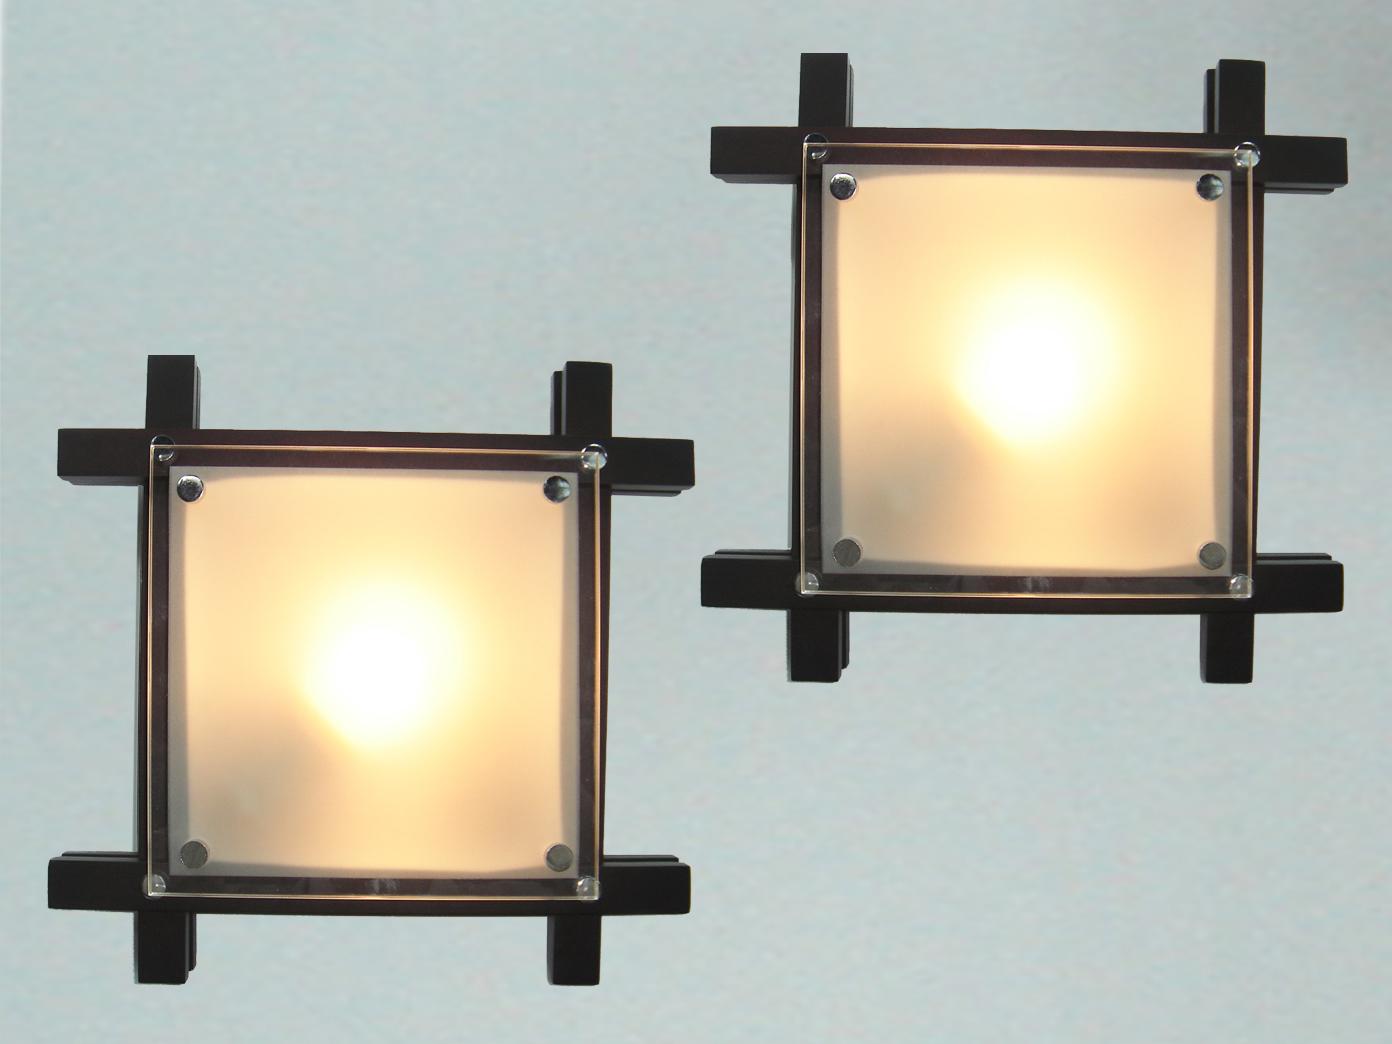 Full Size of Wohnzimmer Lampe Bilder Fürs Stehlampe Schrank Deckenlampe Bad Lampen Küche Wandbilder Decken Vorhänge Stehlampen Anbauwand Schrankwand Decke Wandtattoos Wohnzimmer Wohnzimmer Lampe